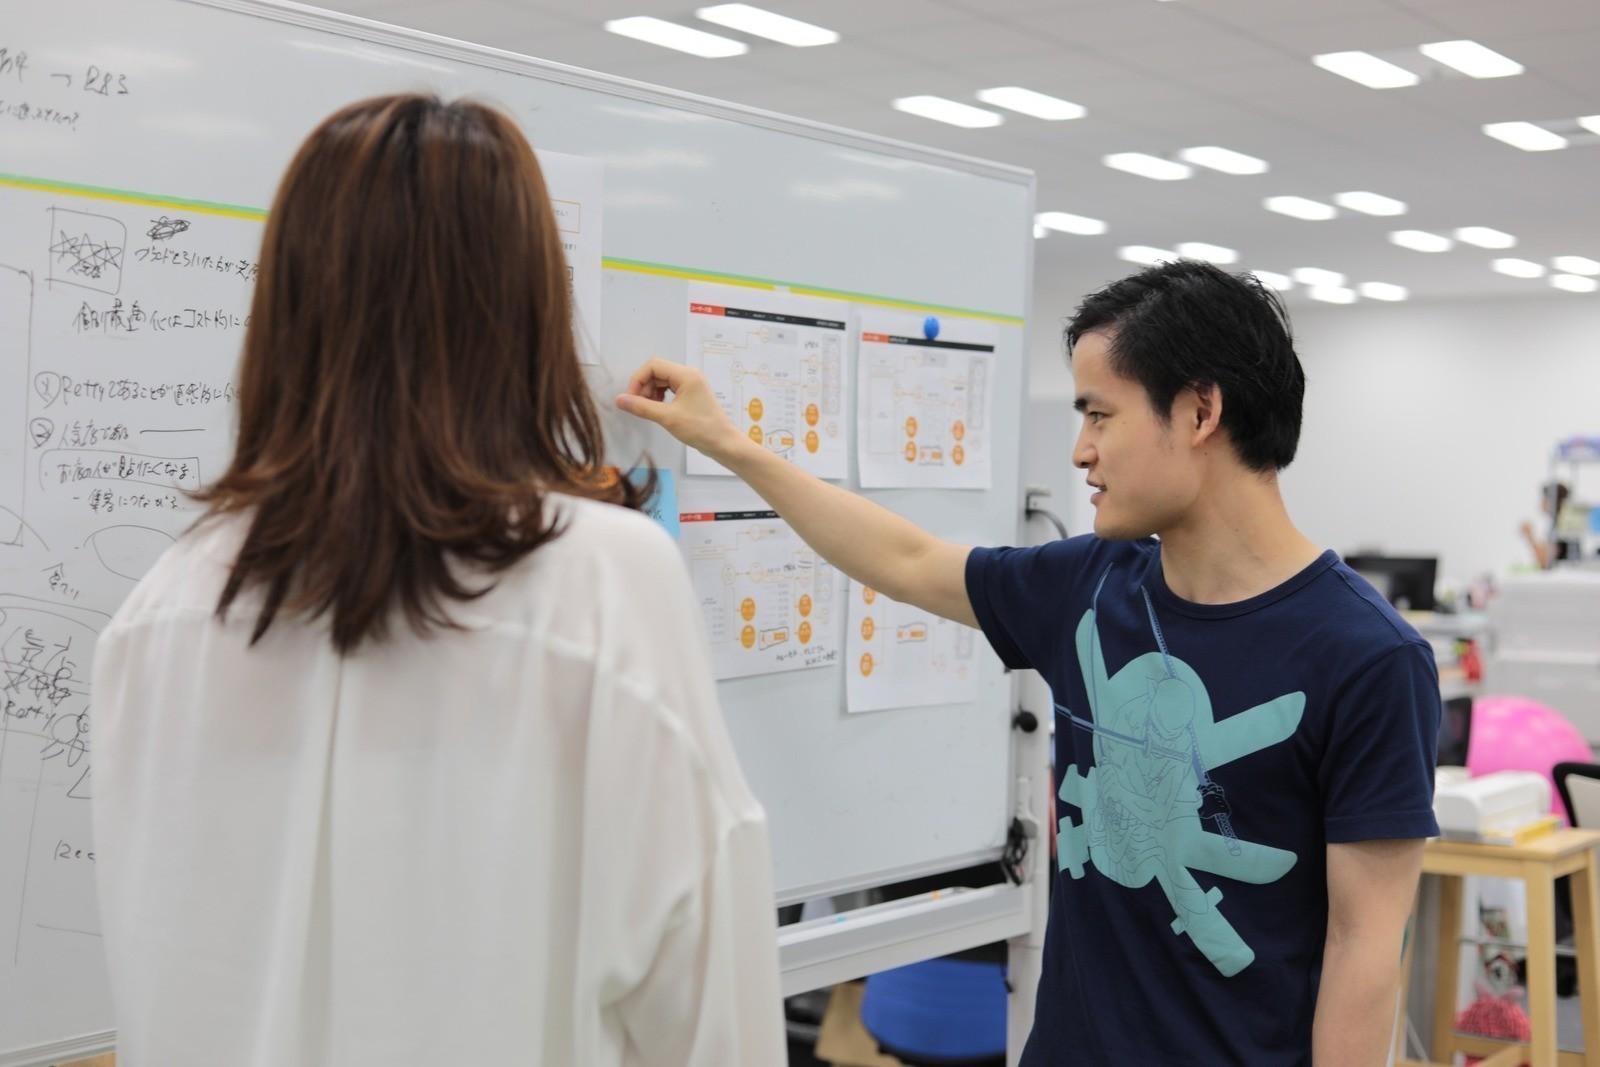 【グルメ3.0時代を実現する】日本最大級実名制グルメ情報サービス「Retty」のサーバーサイド開発